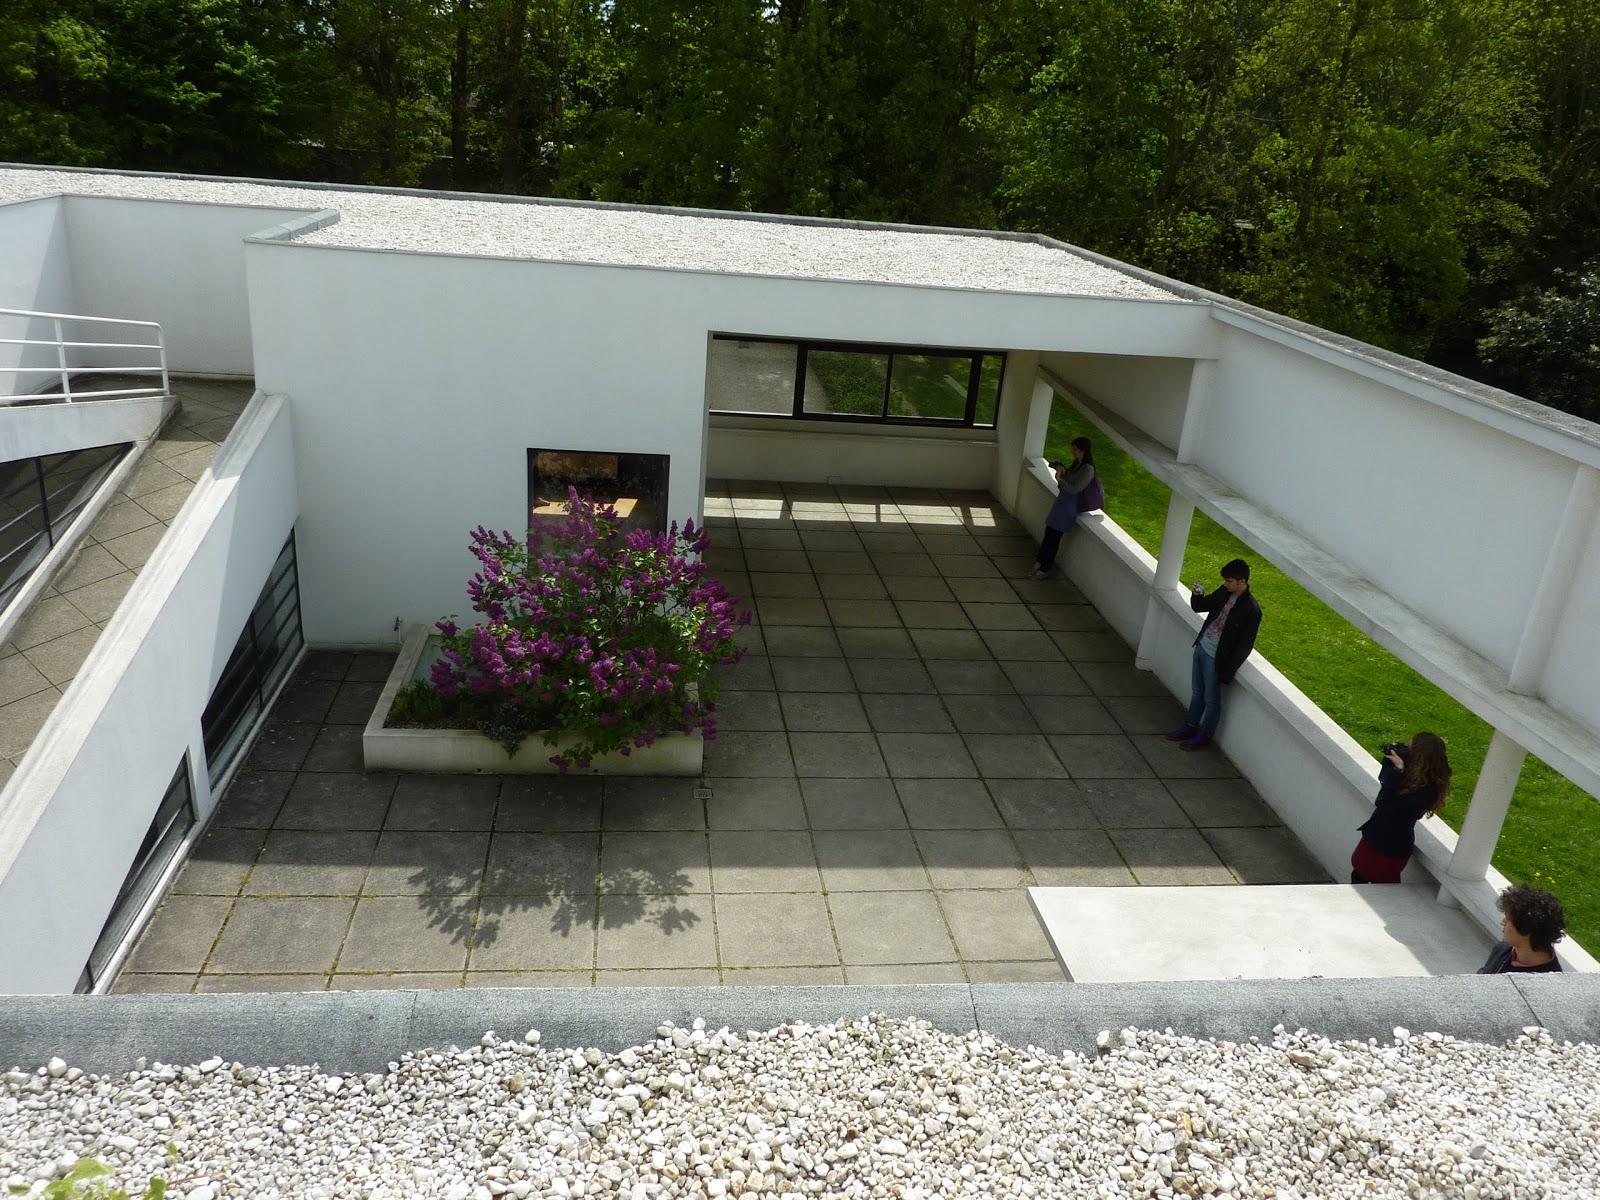 villas blanches de le corbusier parisienne curieuse. Black Bedroom Furniture Sets. Home Design Ideas